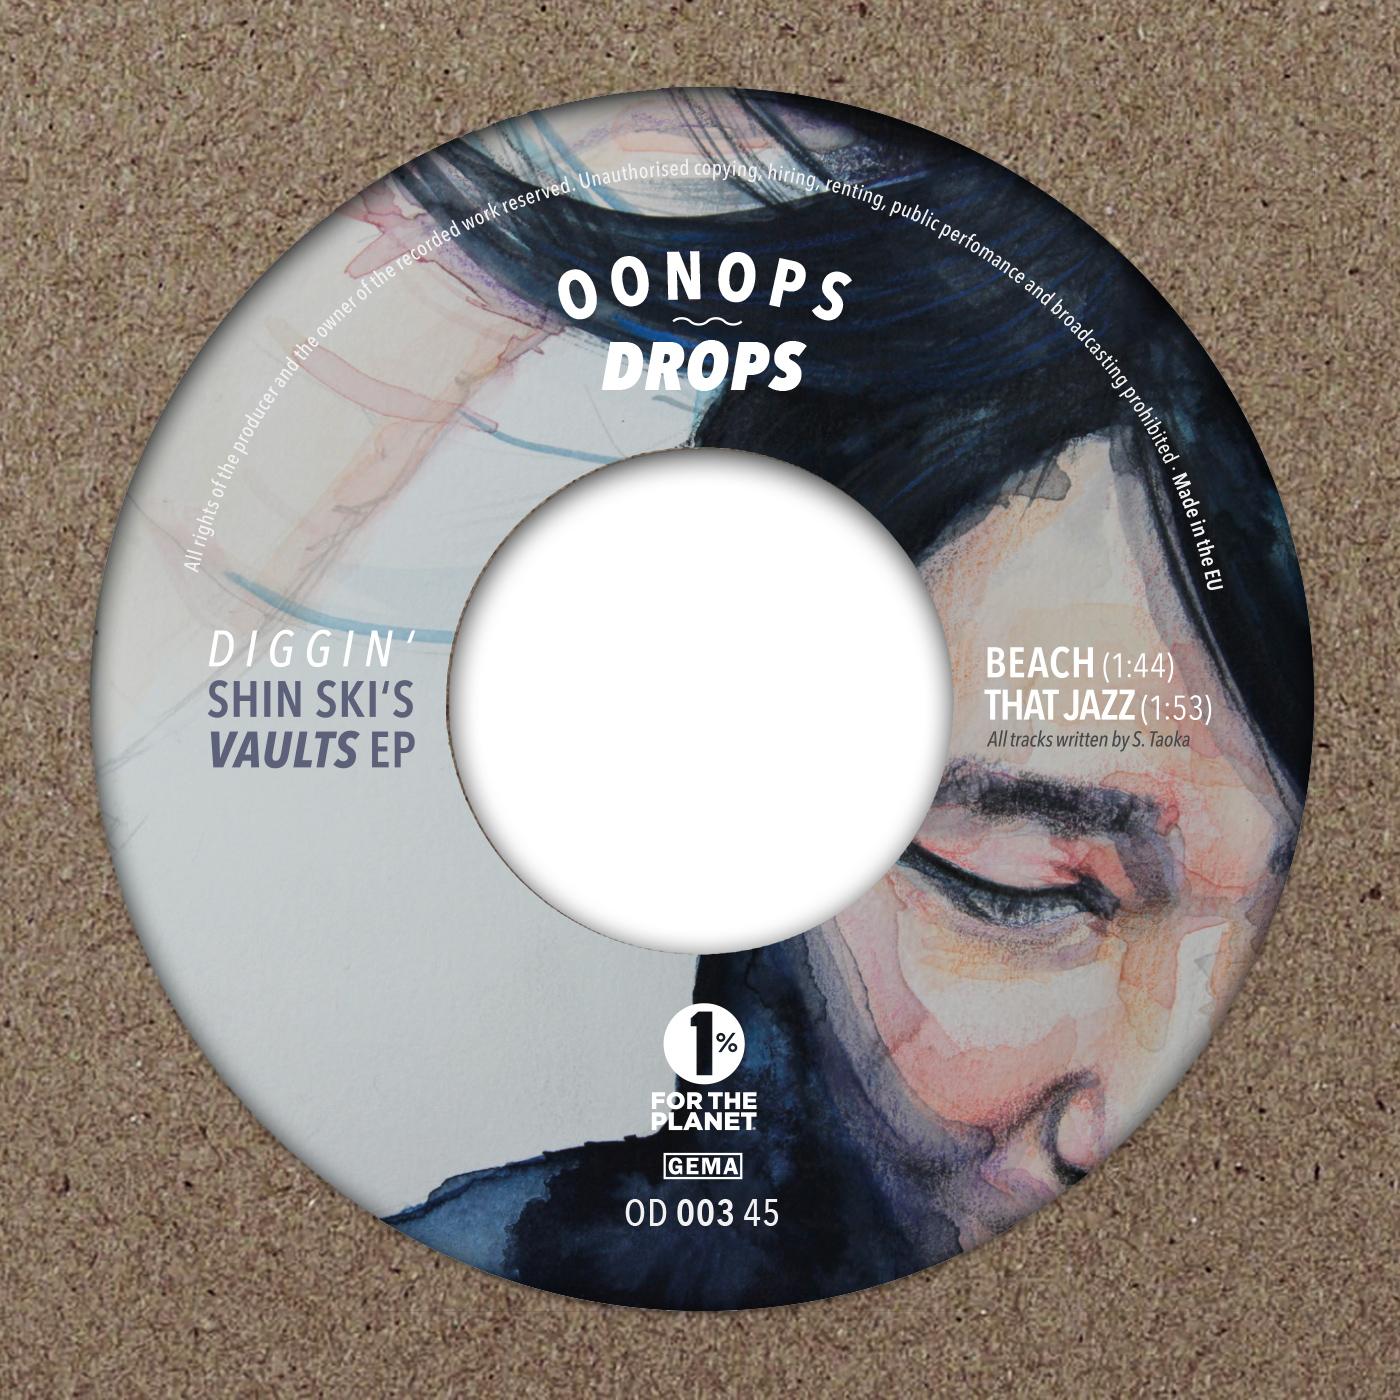 Shin-Ski – Diggin' Shin-Ski's Vaults EP